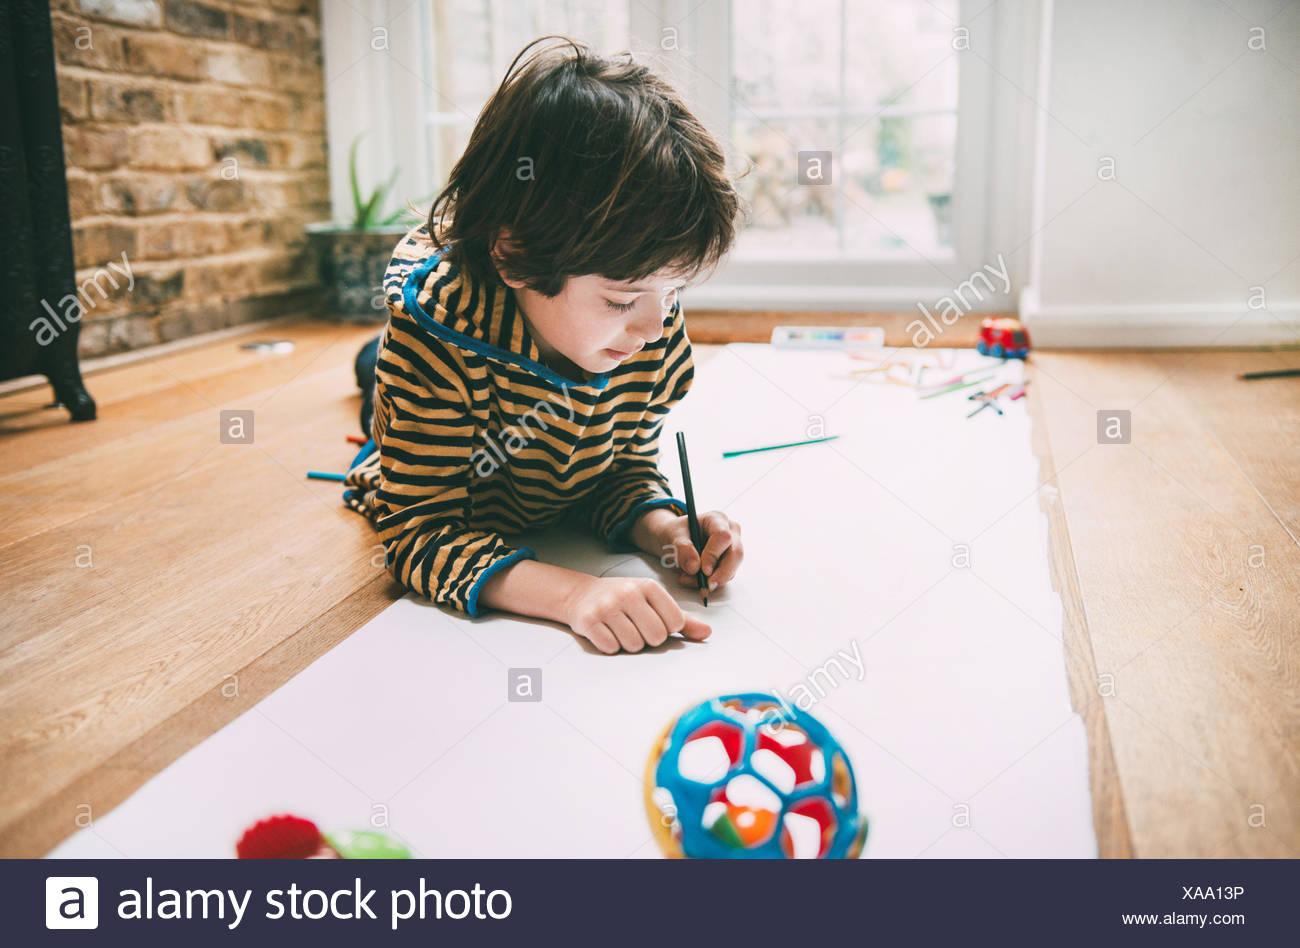 Niño acostado en el suelo el dibujo sobre papel largo Imagen De Stock